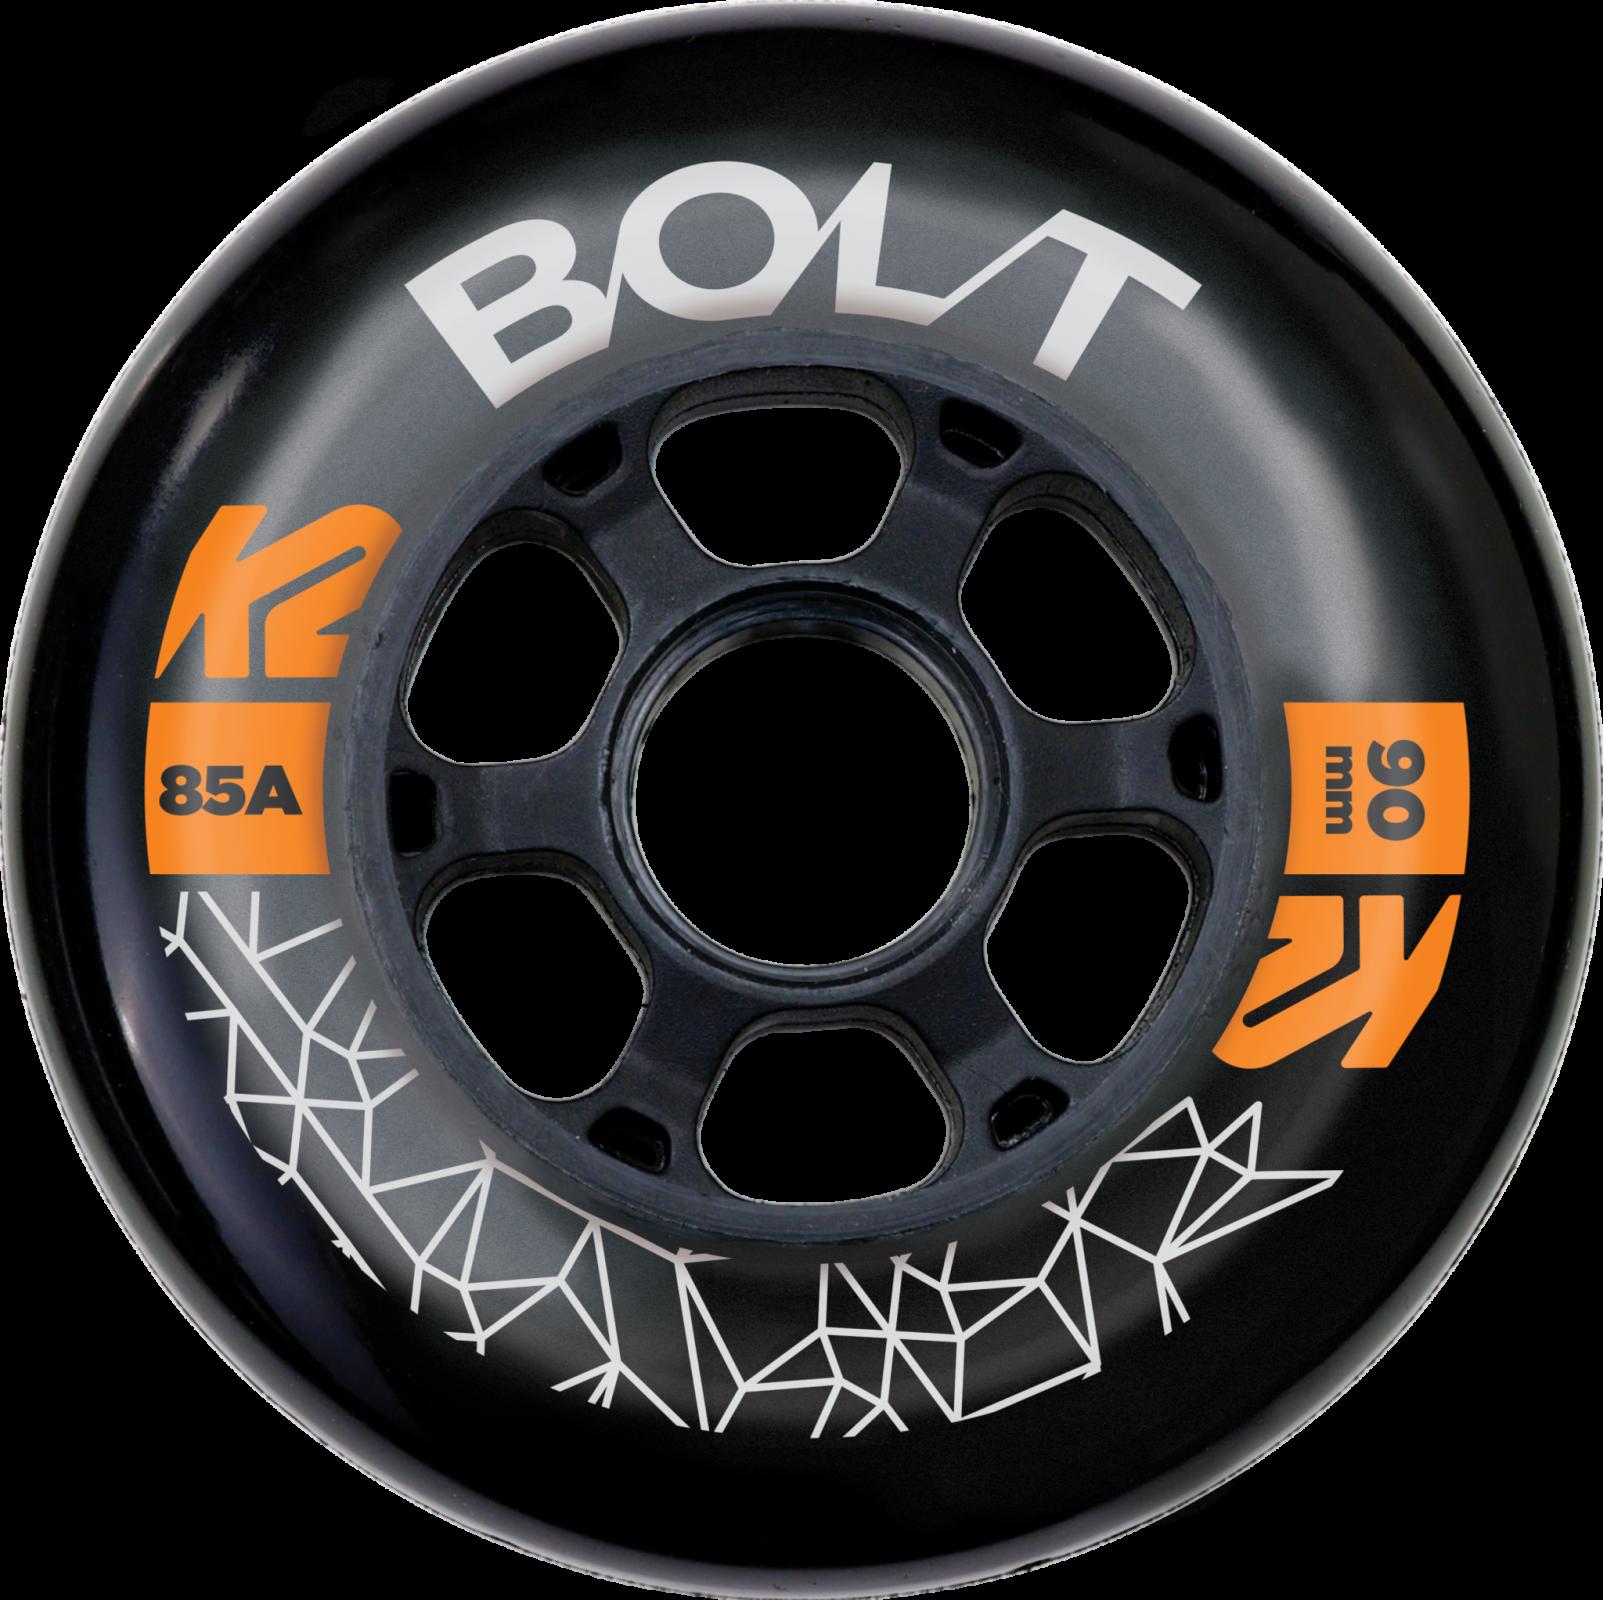 K2 Bolt Speed Wheel Pack - 90mm / 85A